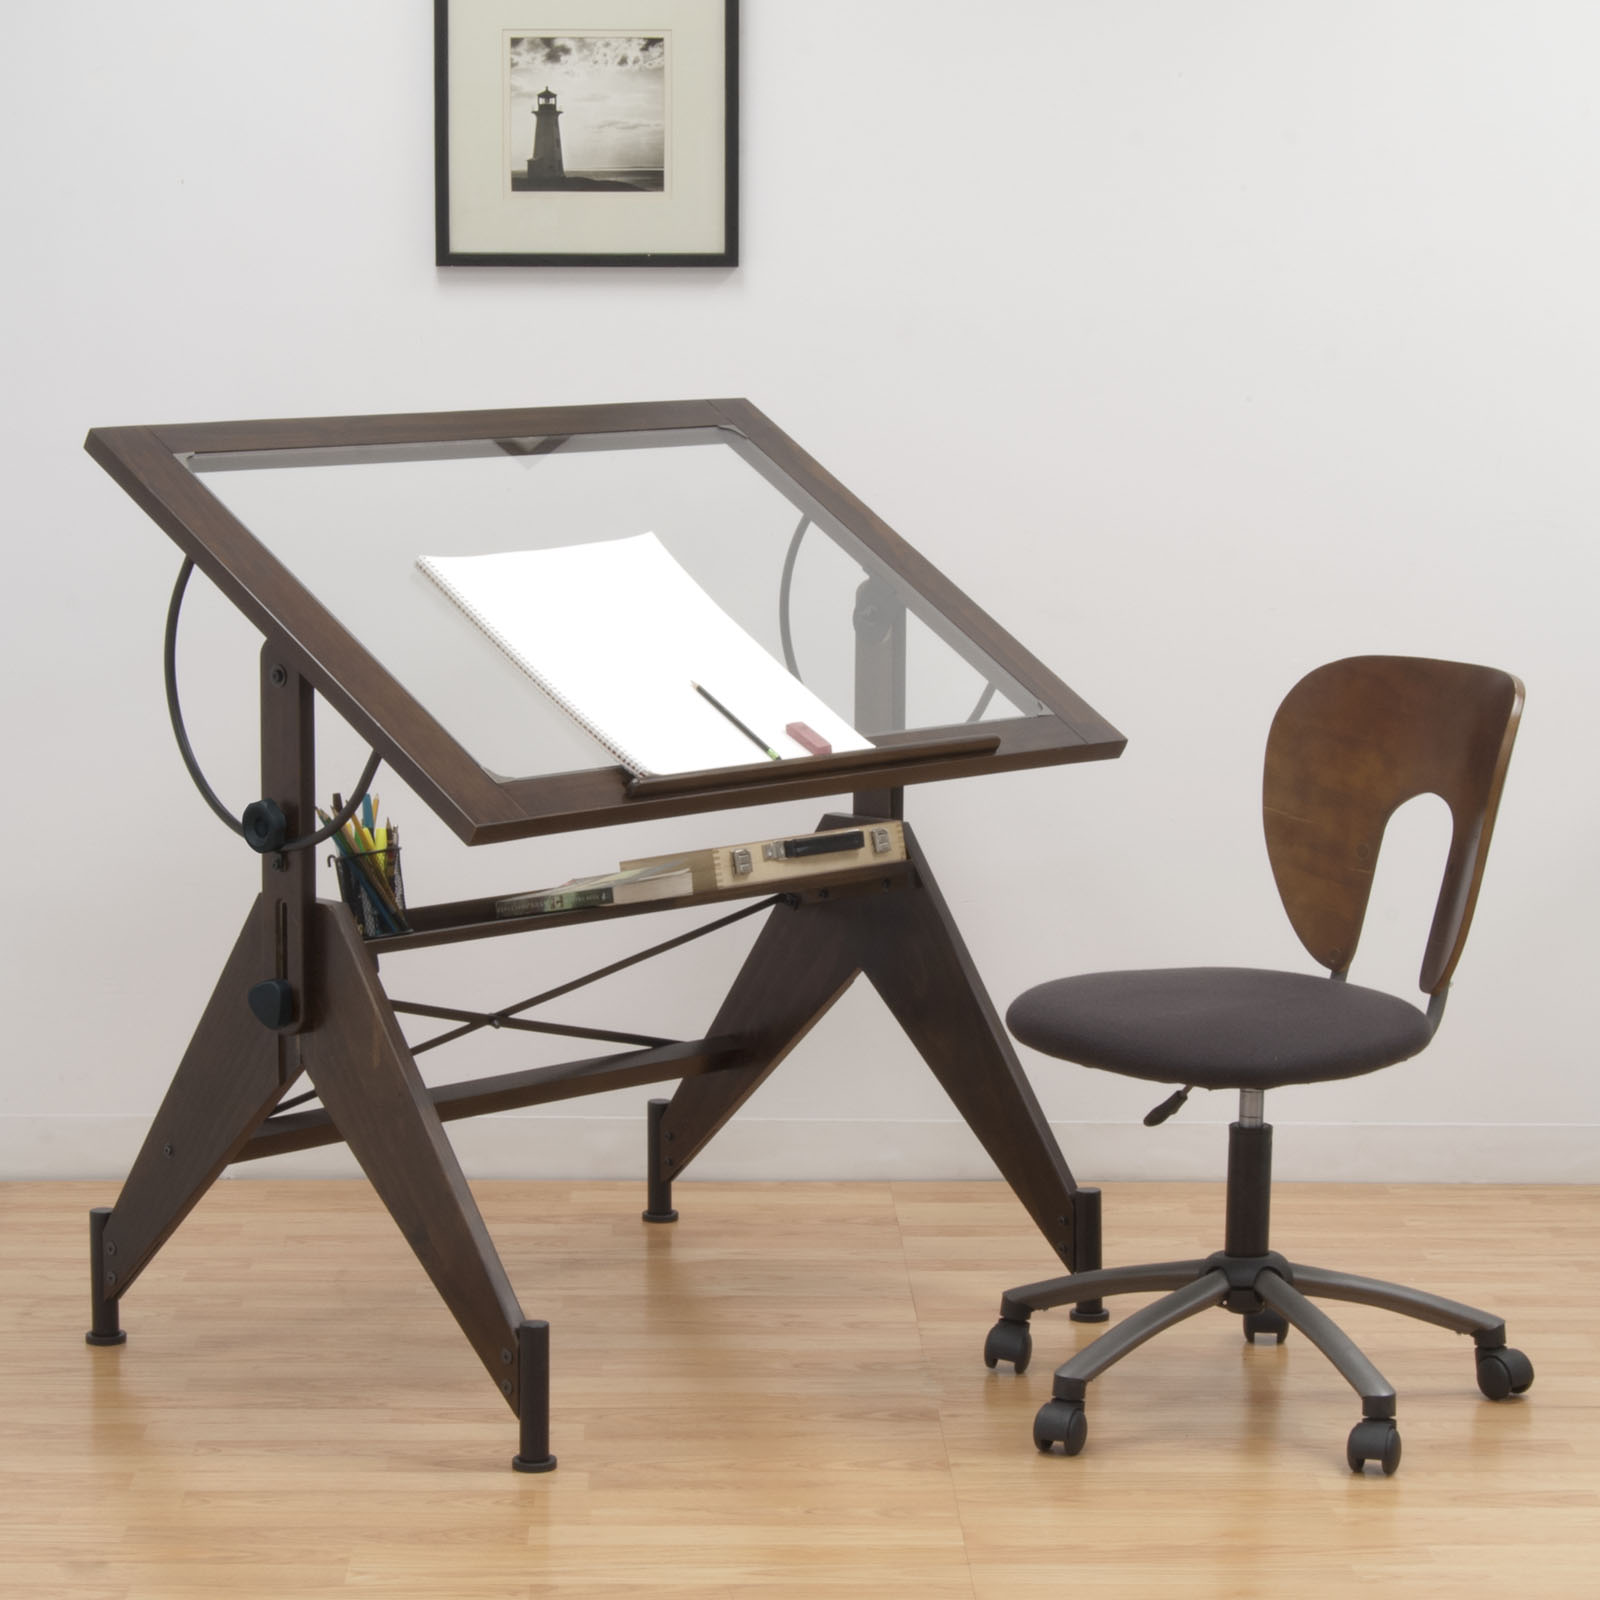 Merveilleux Aries Wood And Glass Drawing Table In Dark Walnut U2013 Item # 13310